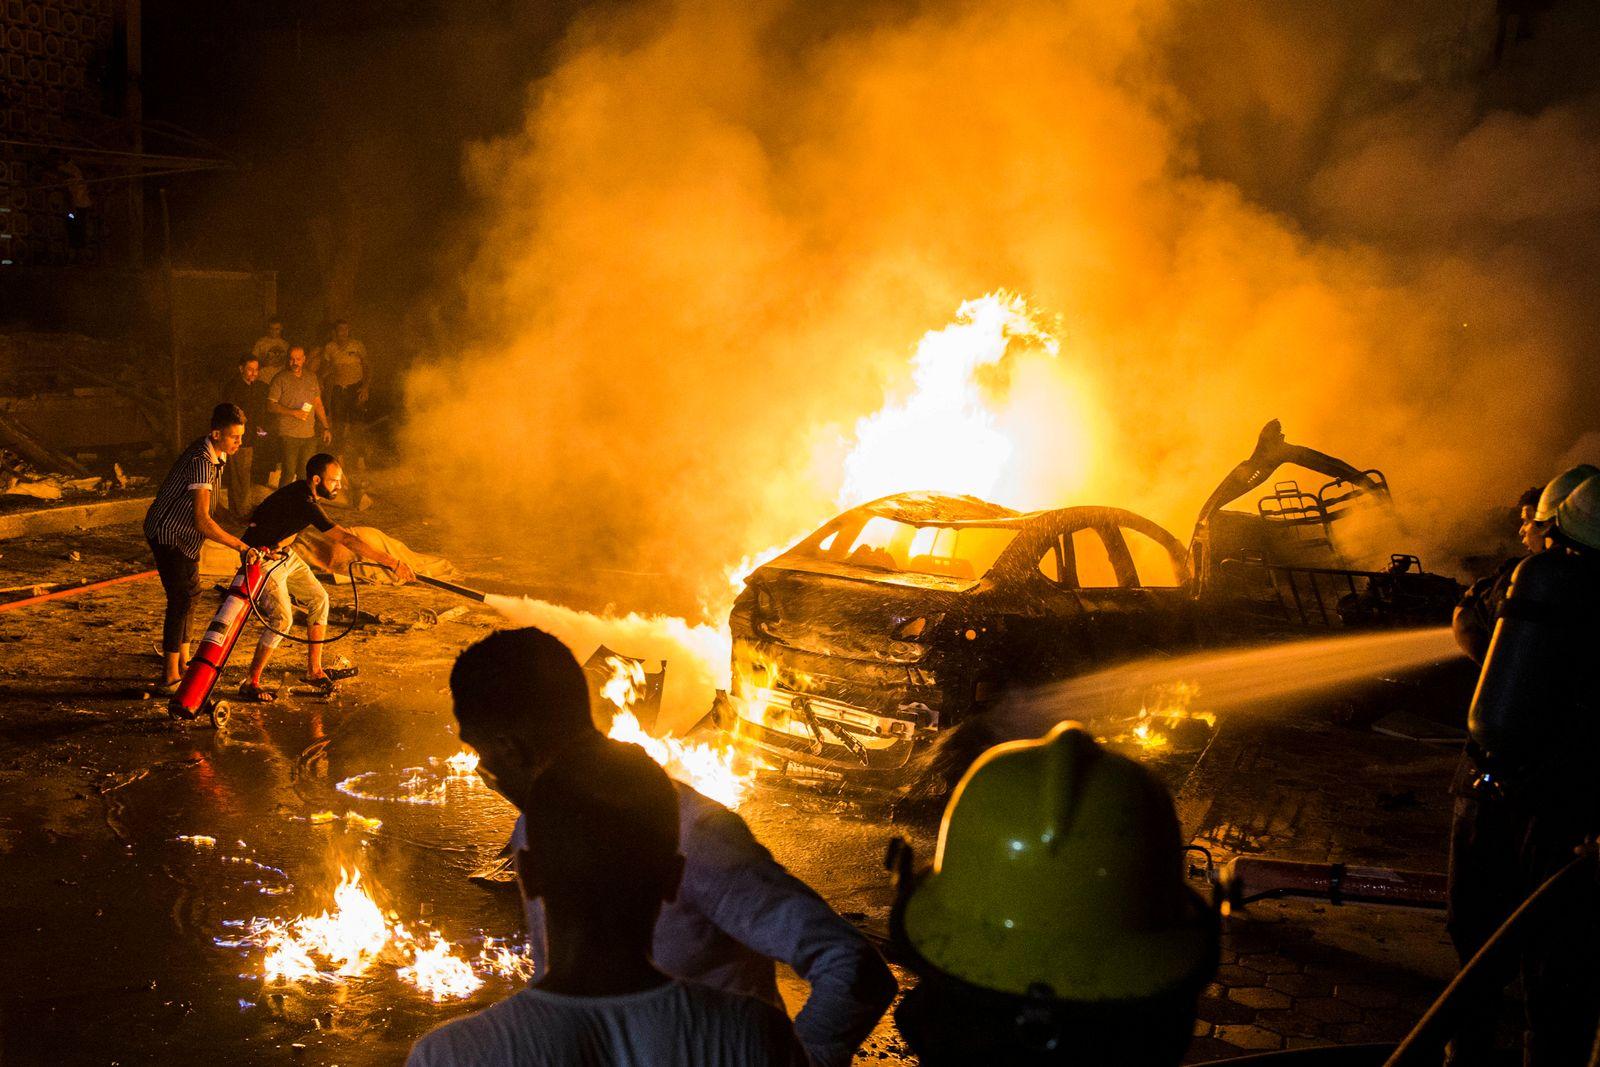 Kairo/Unfall/Explosion